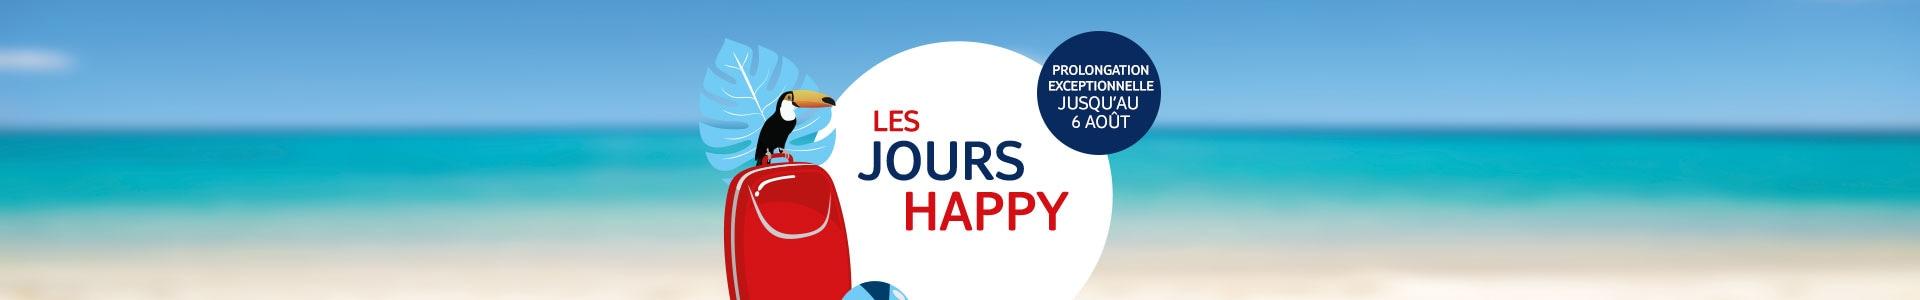 Les Jours Happy